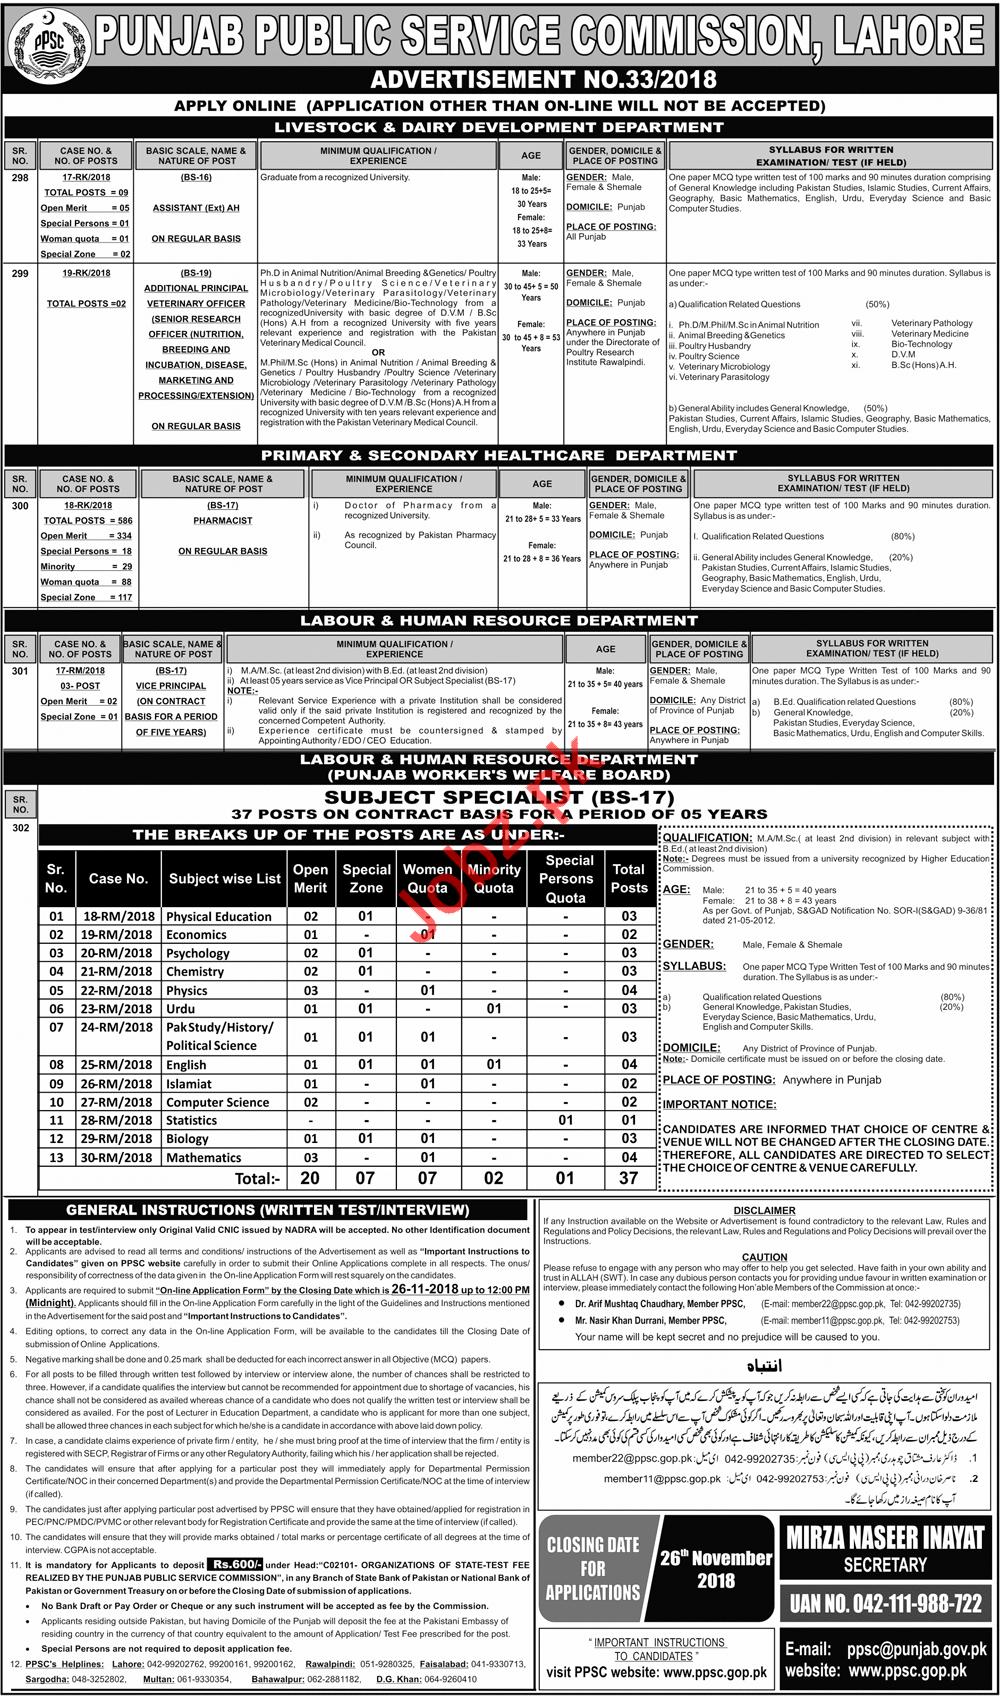 PPSC Punjab Public Service Commission Lahore Jobs 2018